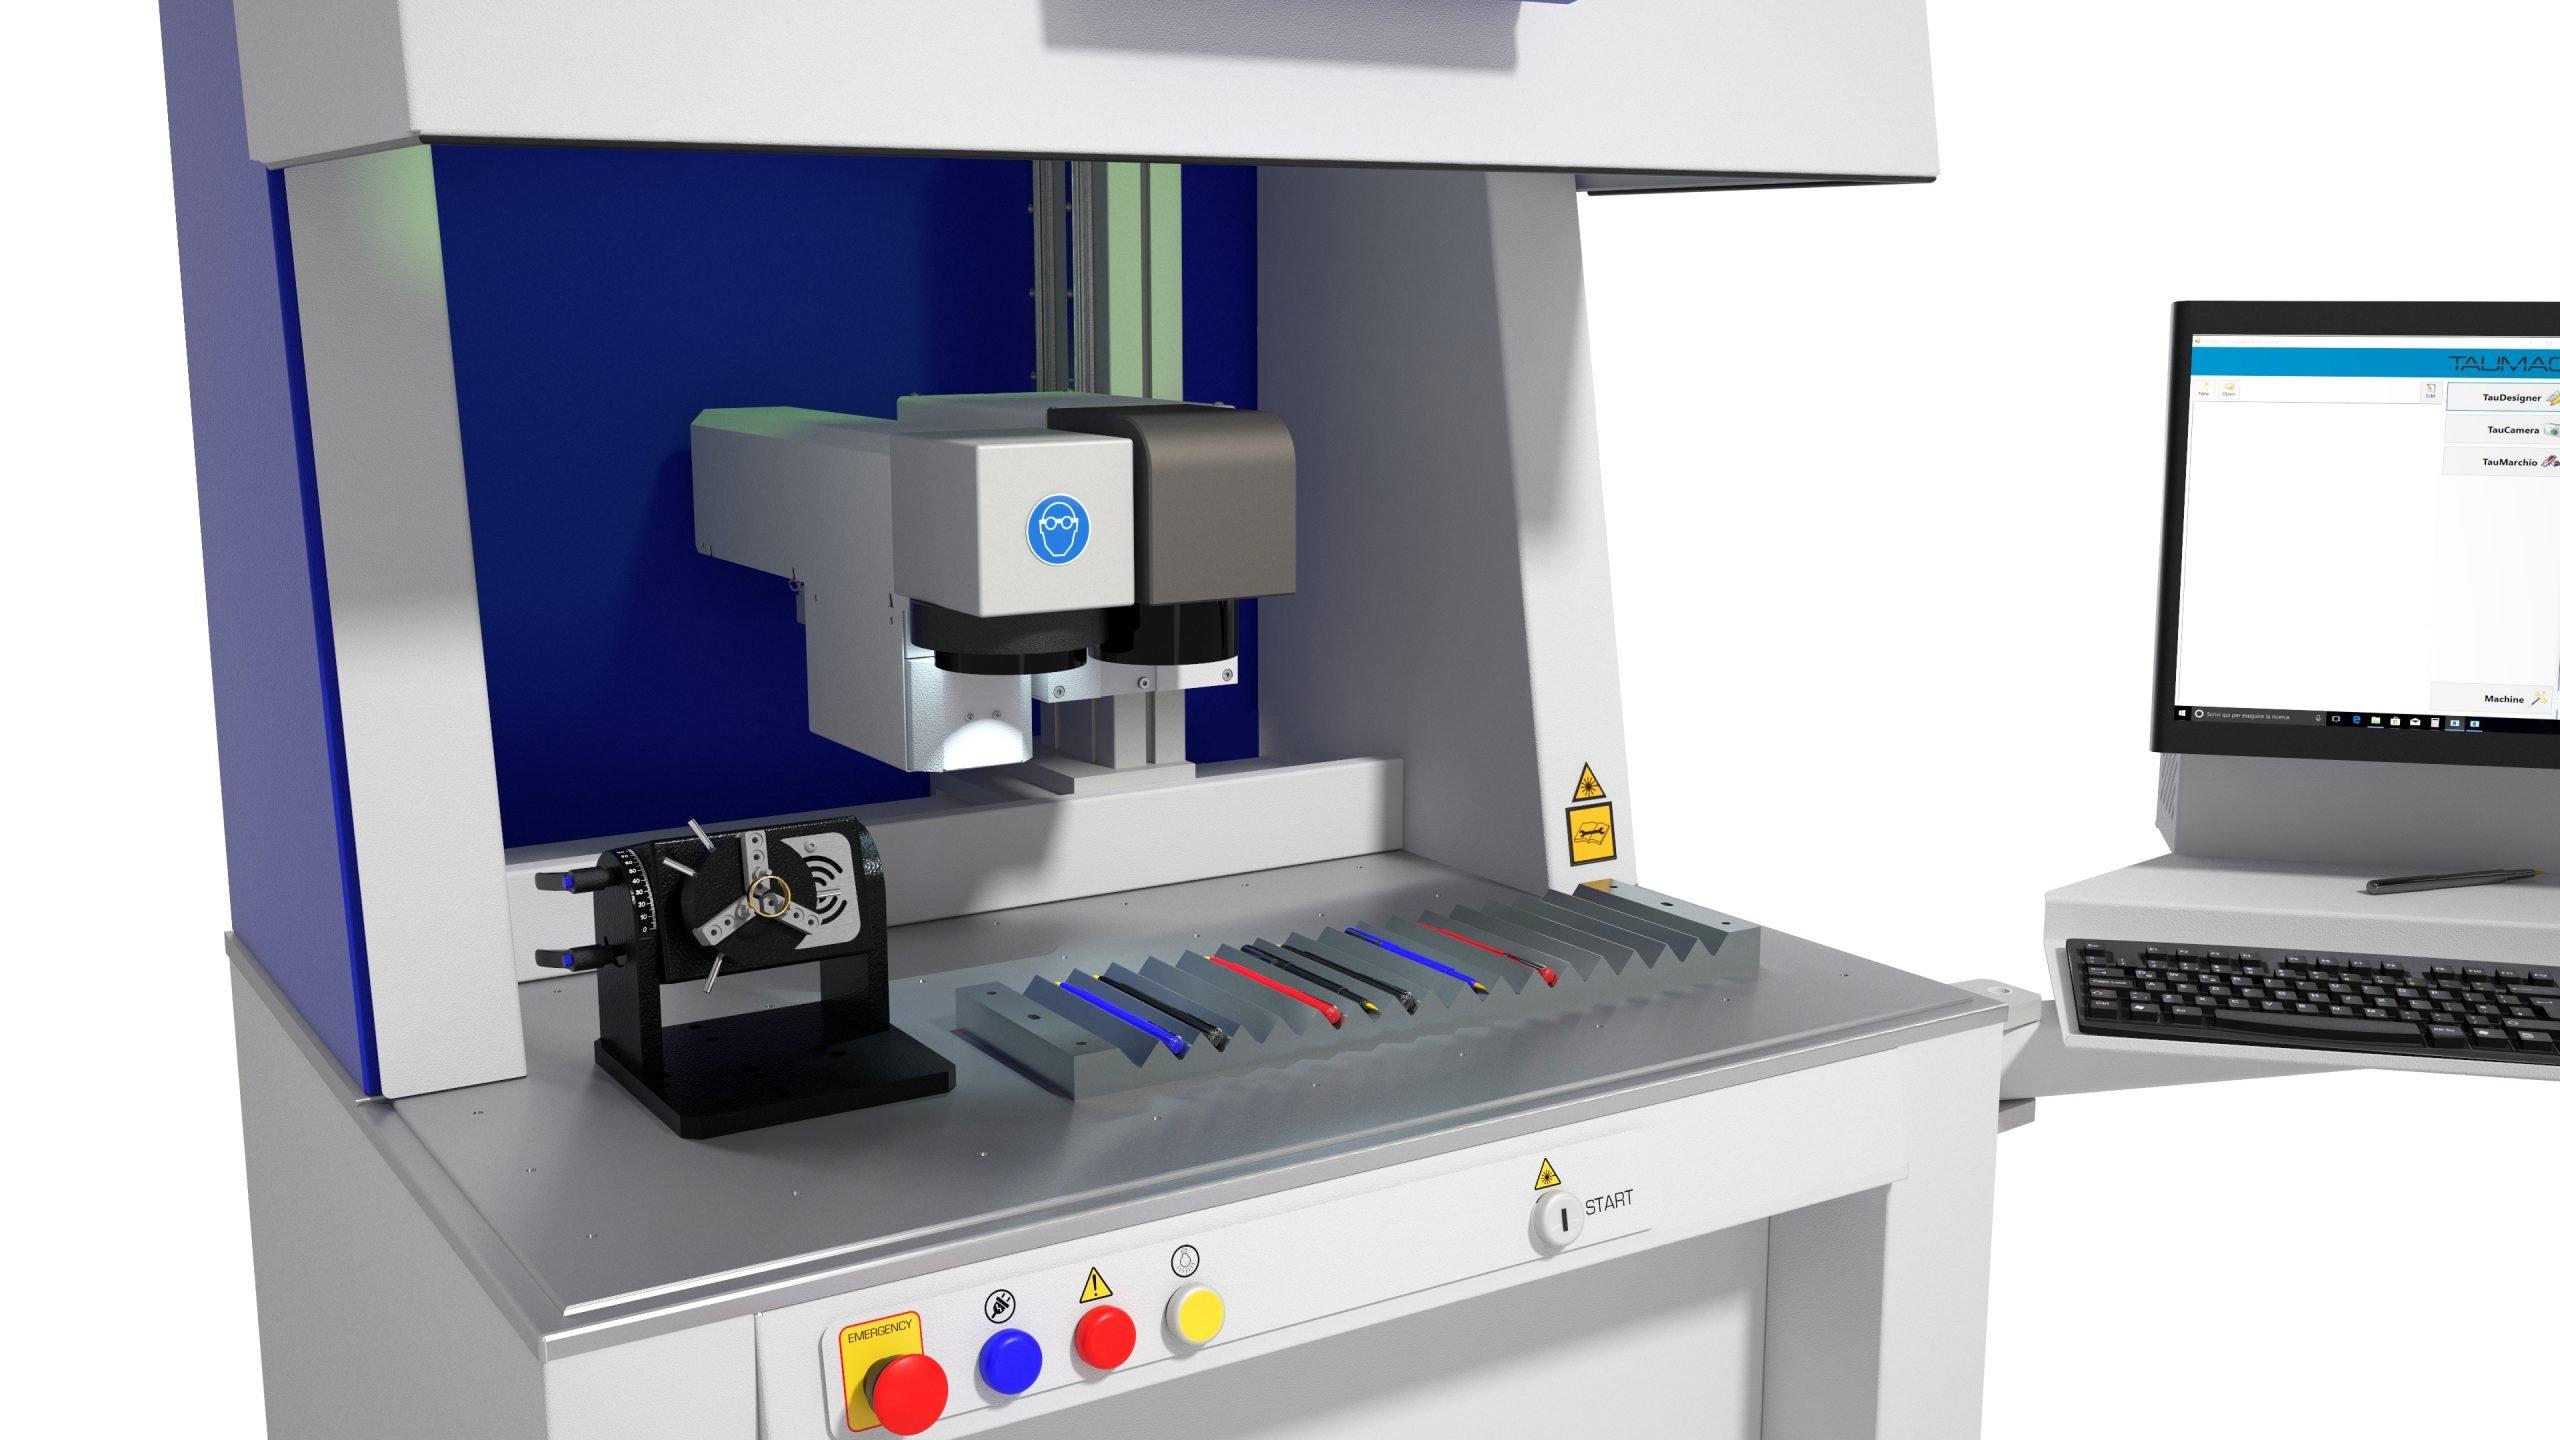 marcatrici laser TAUMARK serie M